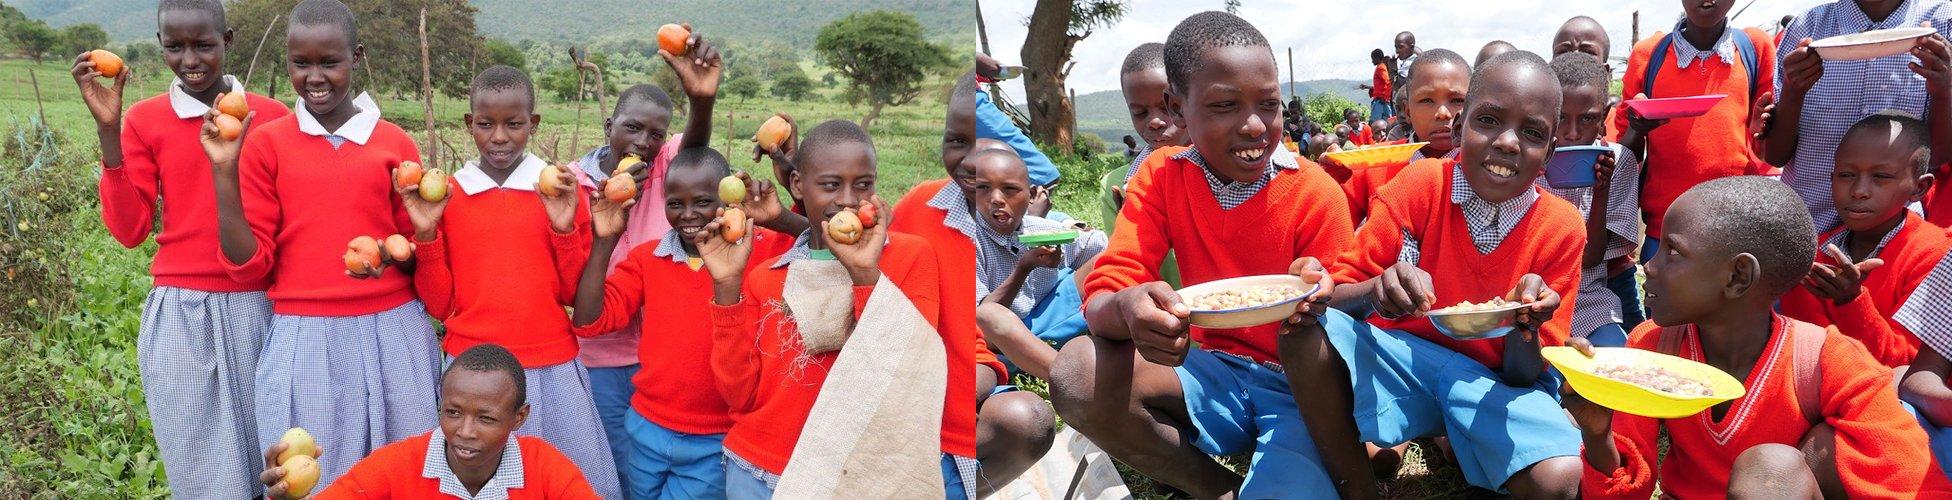 写真:畑で、トマト、とうもろこし、スイカなどを栽培するケニアの子どもたち